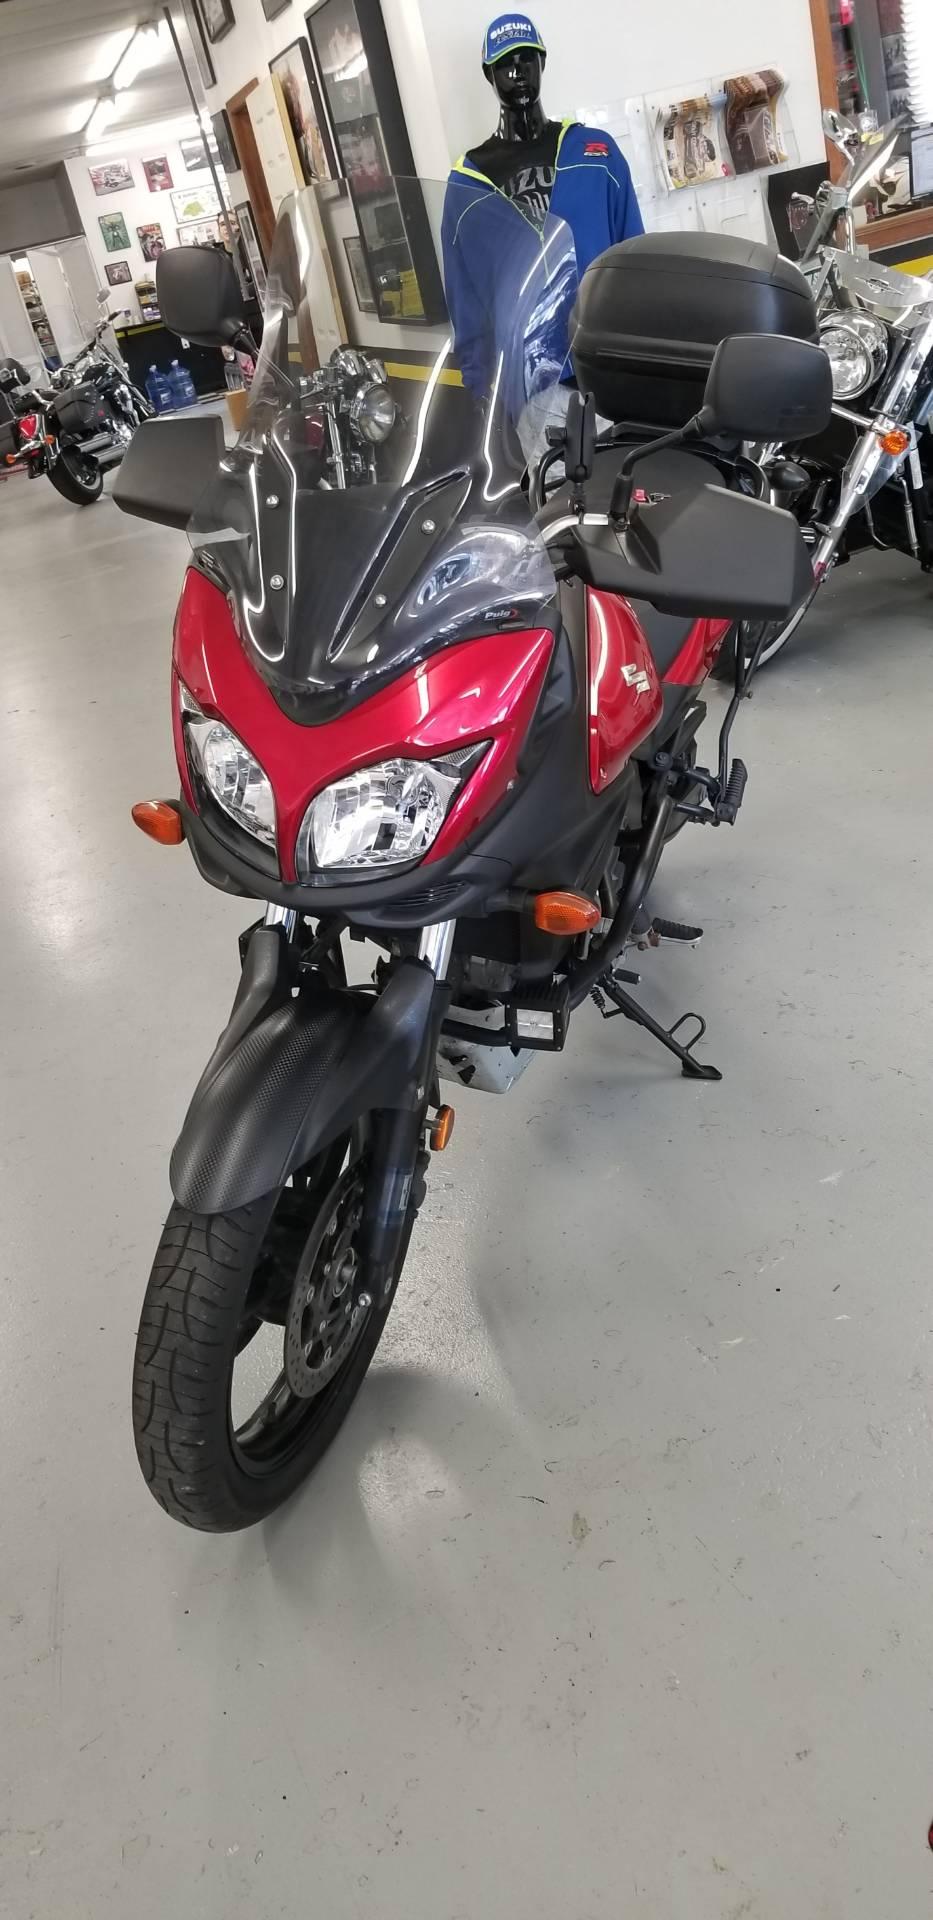 2014 Suzuki V-Strom 650 ABS 1